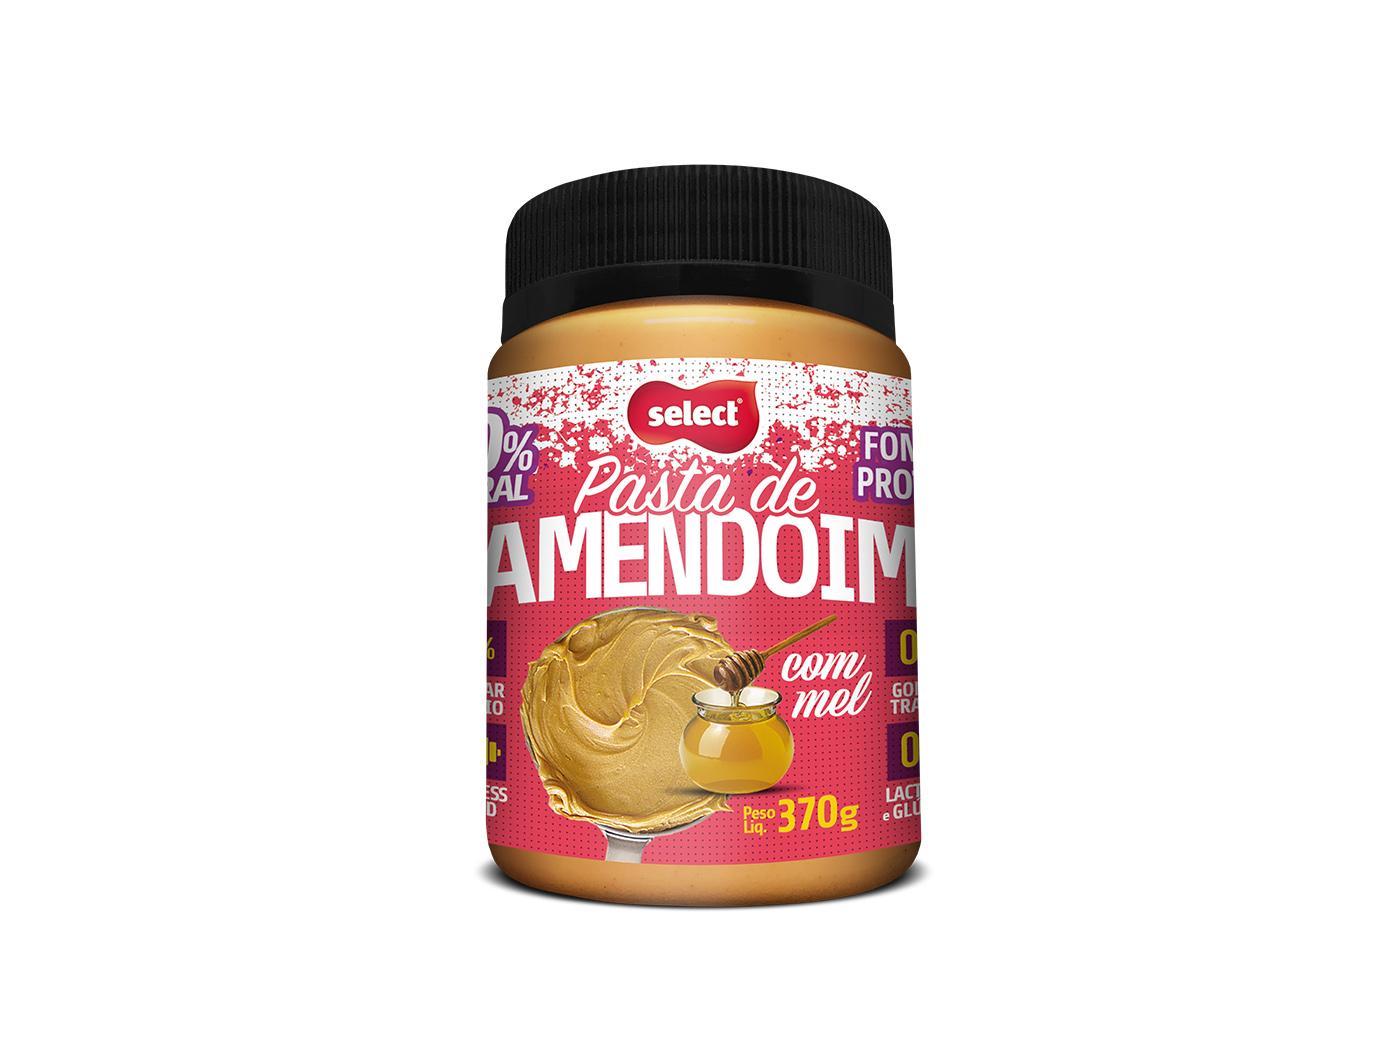 pasta integral de amendoim mel